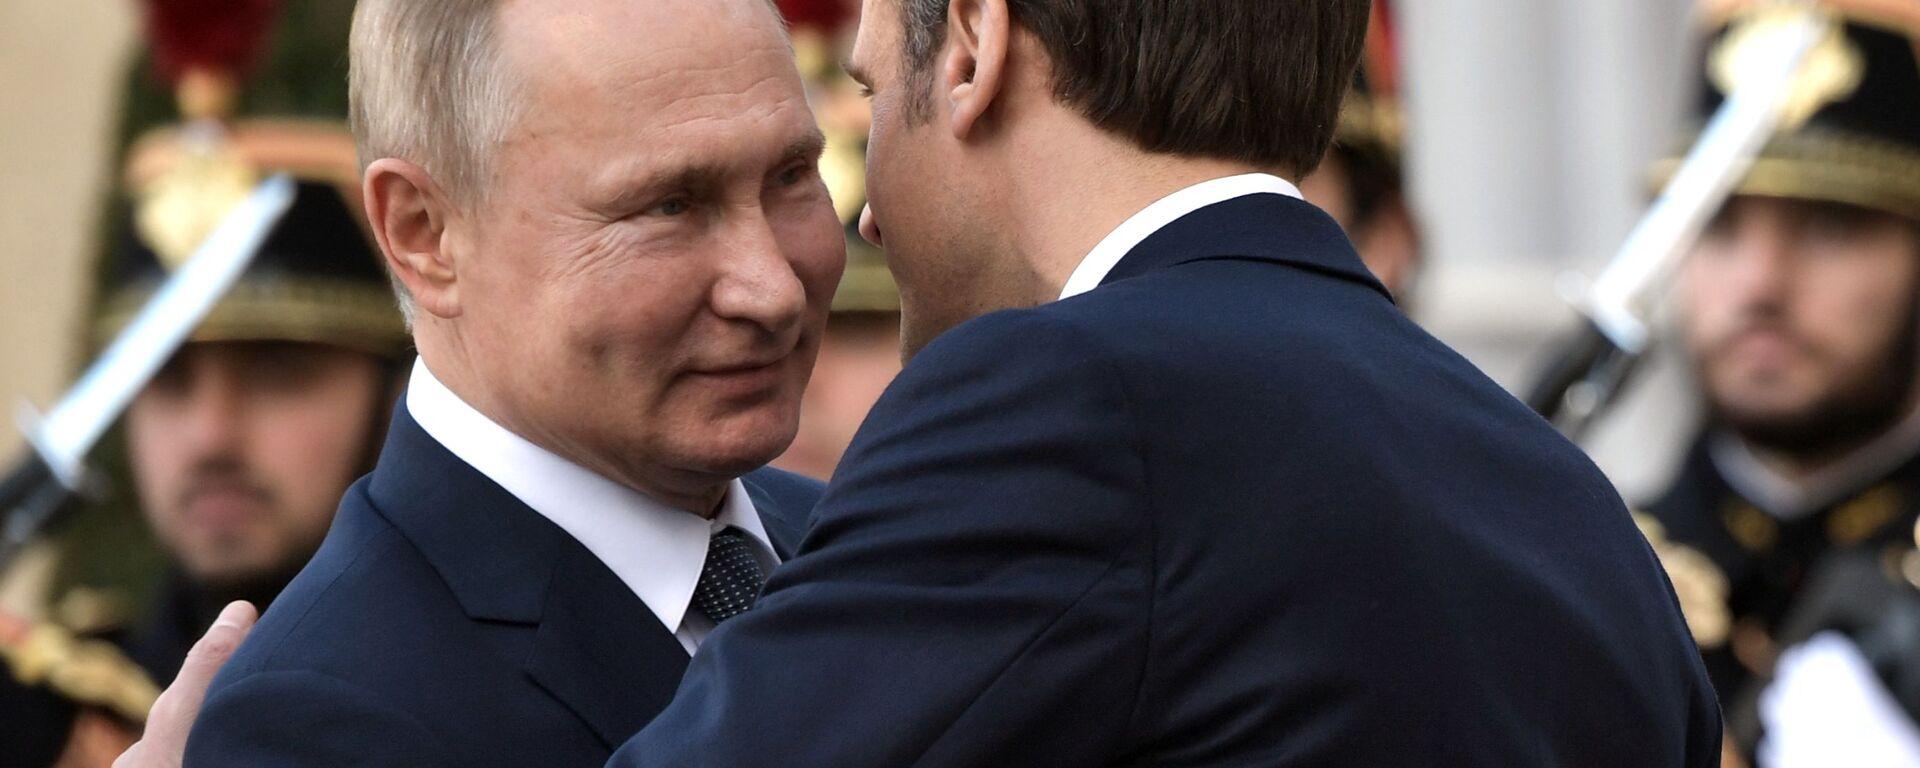 Putin i Macron prowadzą dwustronne rozmowy w Paryżu - Sputnik Polska, 1920, 25.06.2021